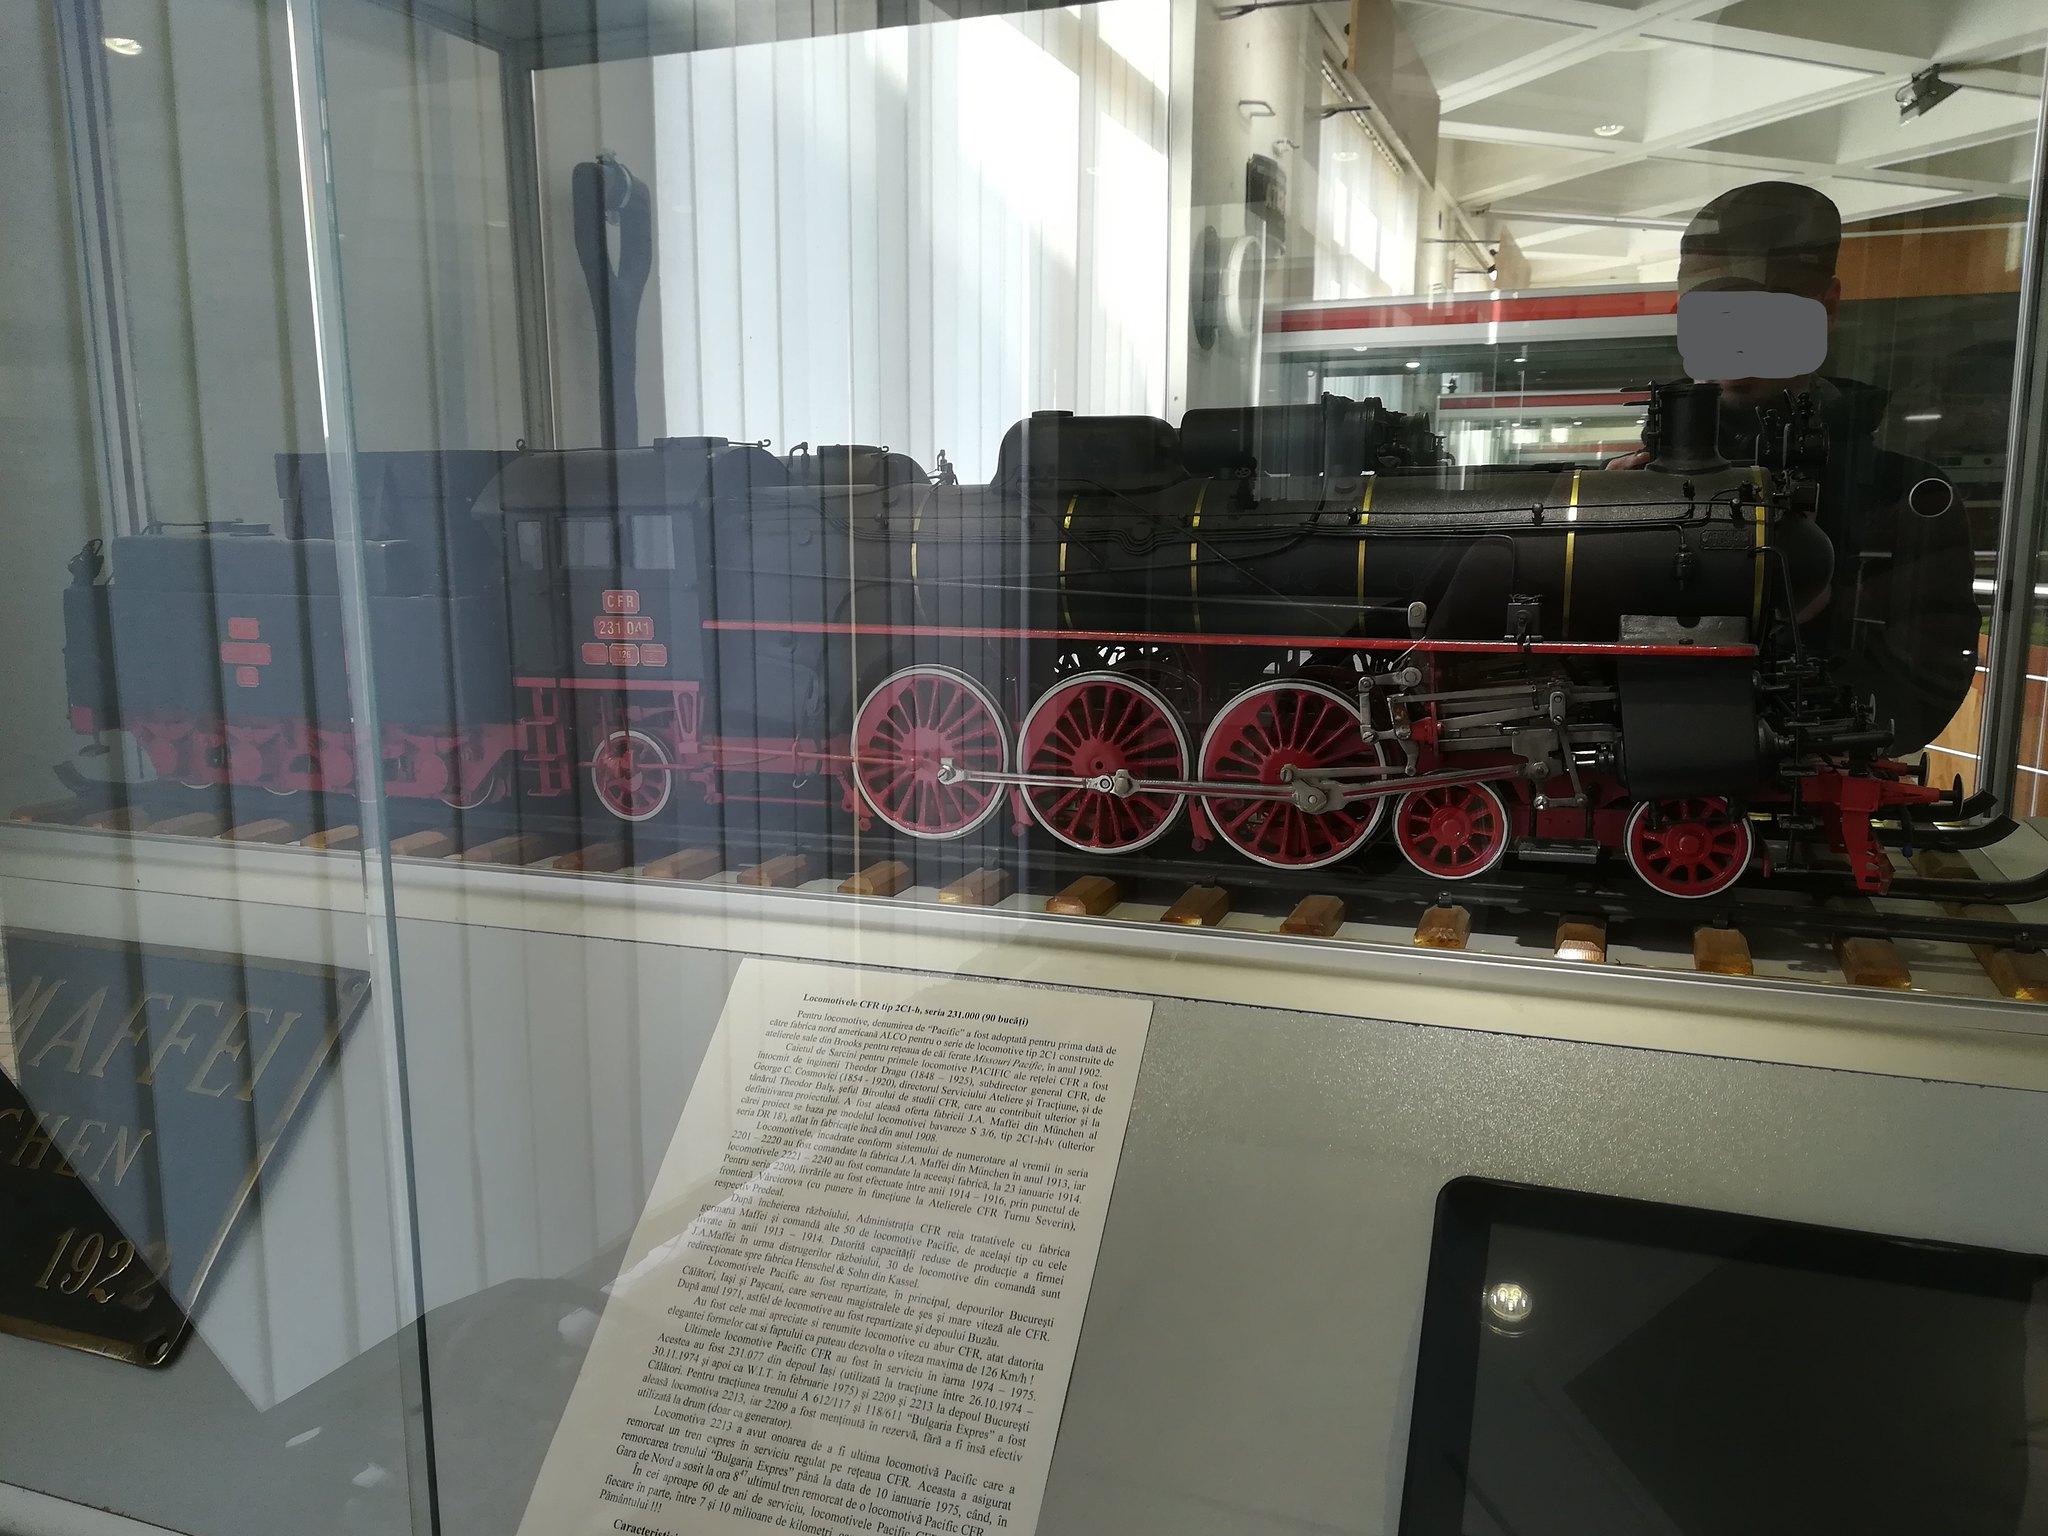 Reportaje feroviare Adirmvl - Pagina 21 49596303167_2e1ecacd7f_k